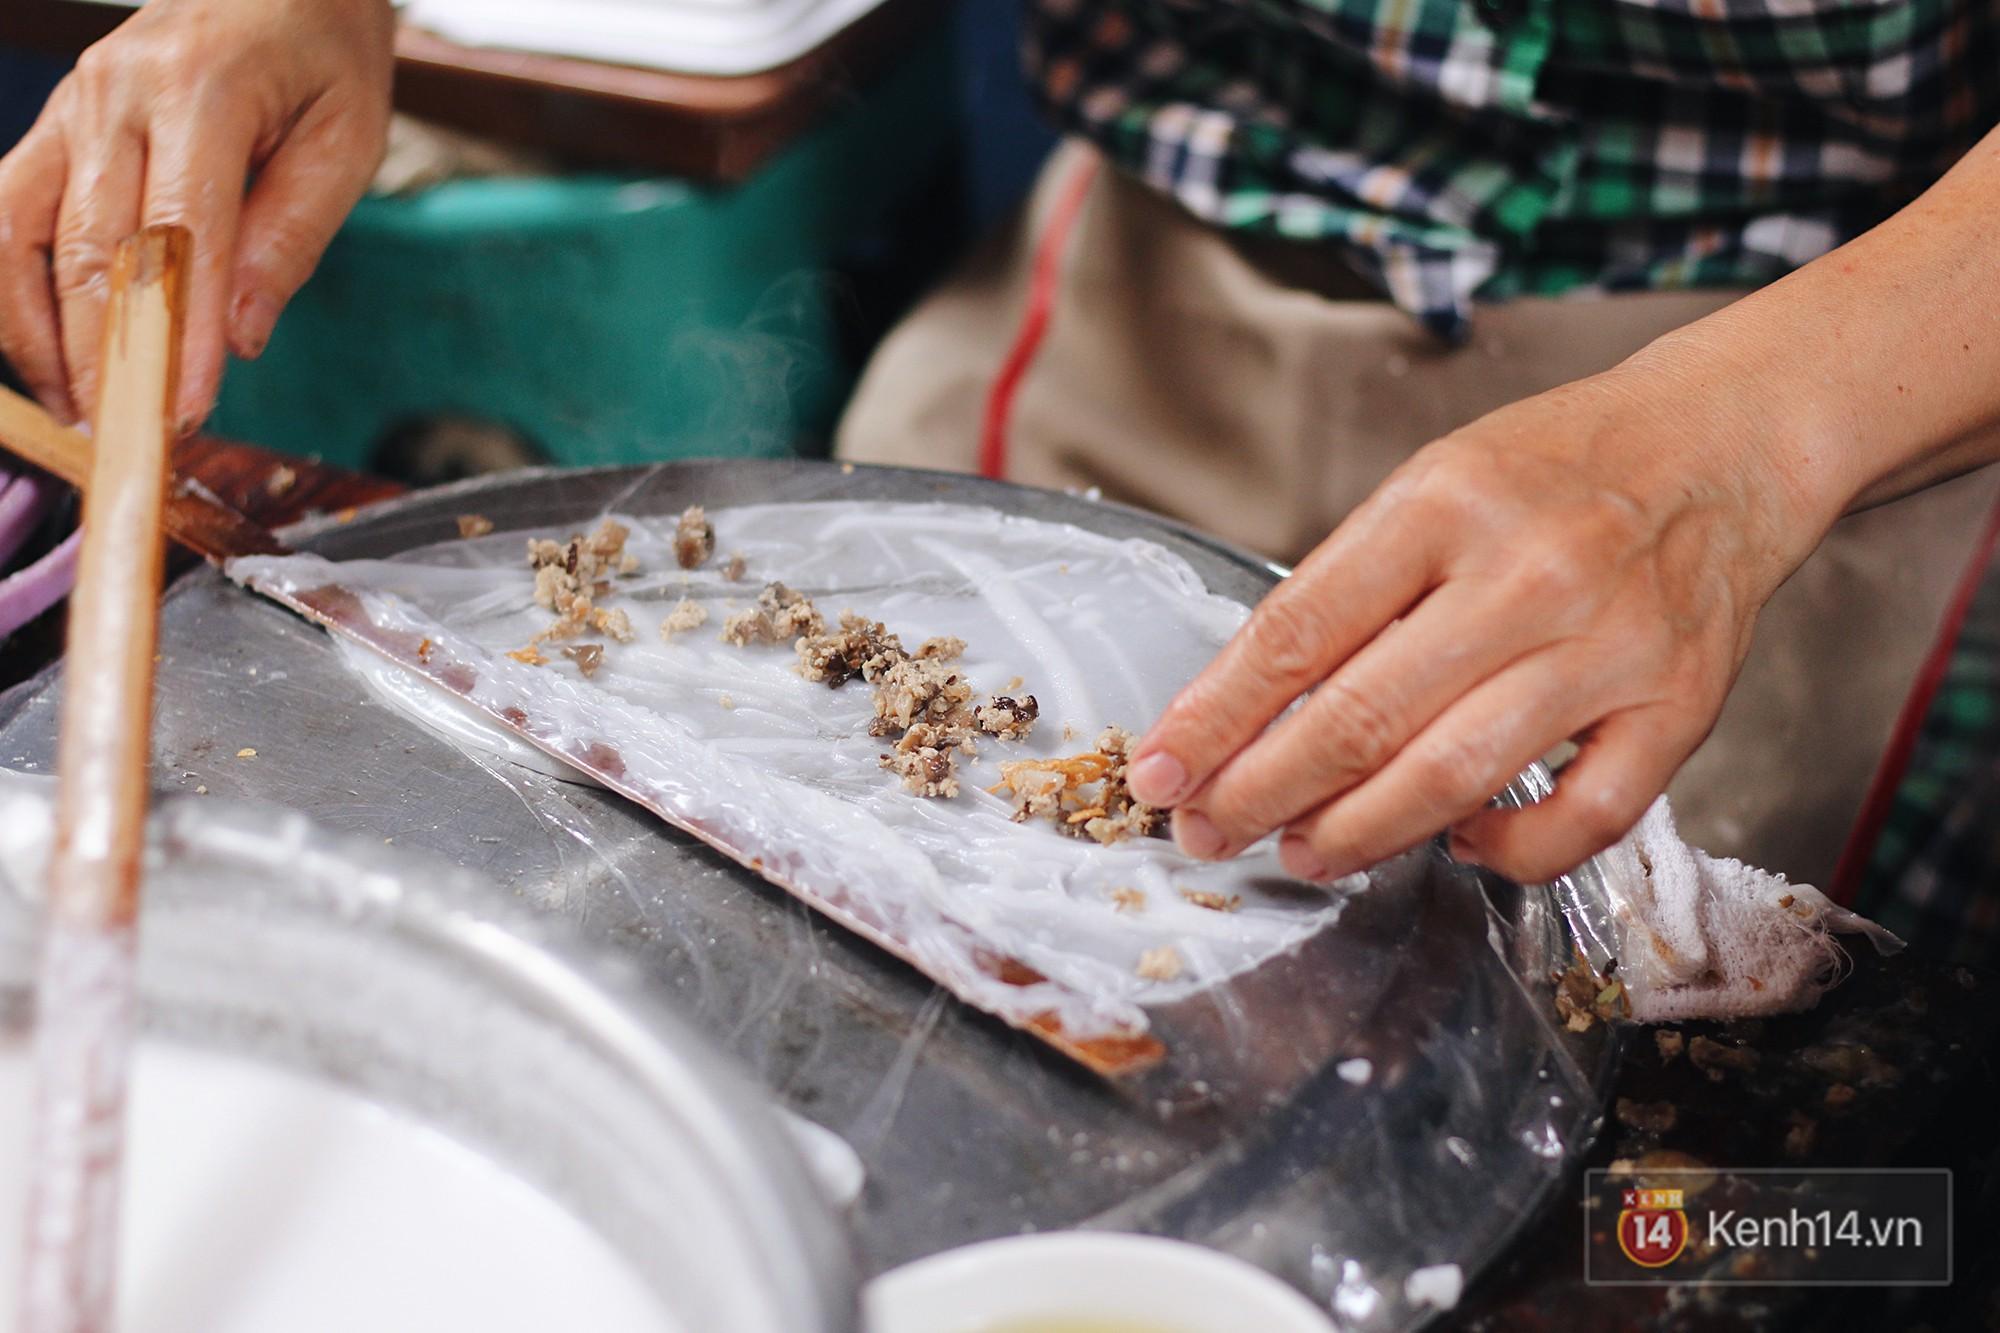 Người Việt chân phương và hài hước thế nào, chỉ cần nhìn qua cách đặt tên các món bánh sau - Ảnh 7.